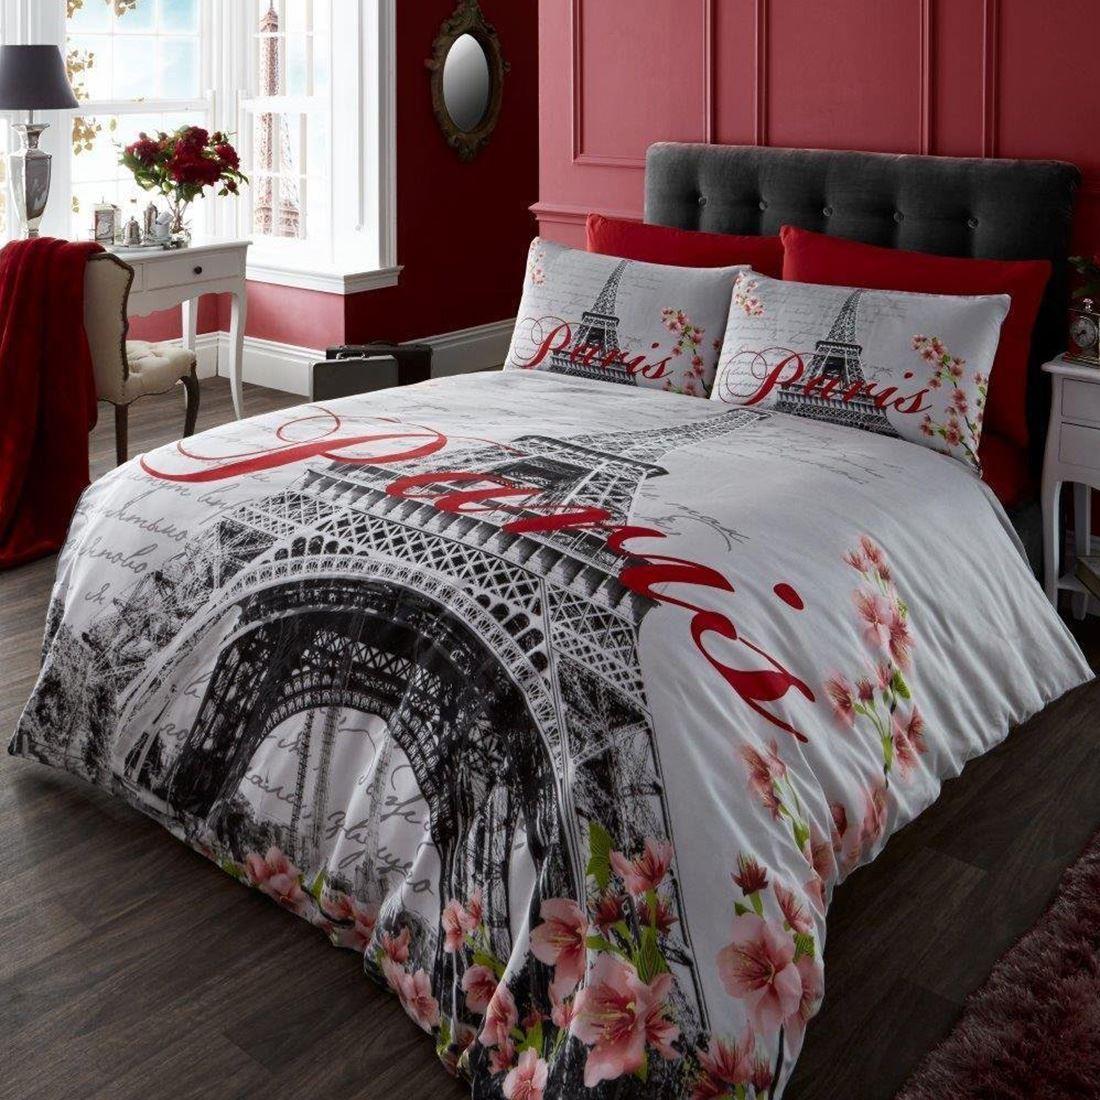 paris bettw sche einzel sets stadt wahrzeichen eiffelturm. Black Bedroom Furniture Sets. Home Design Ideas